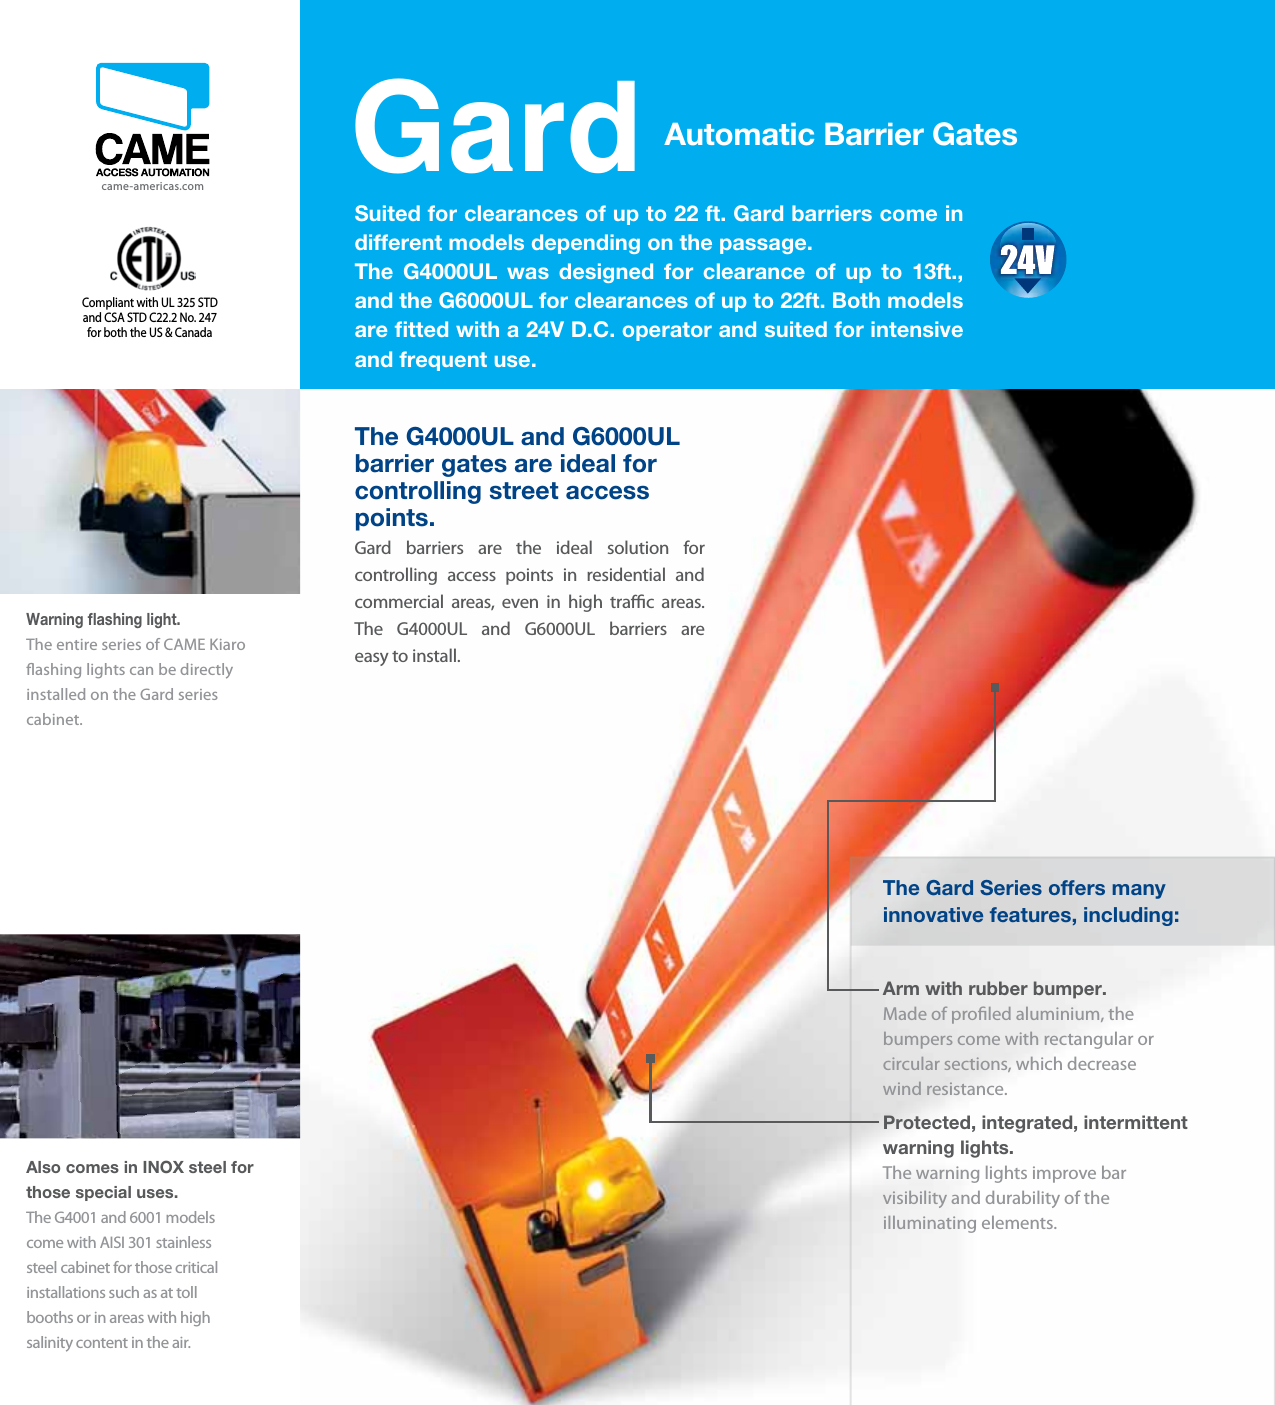 CAME Barrier Gate Brochures